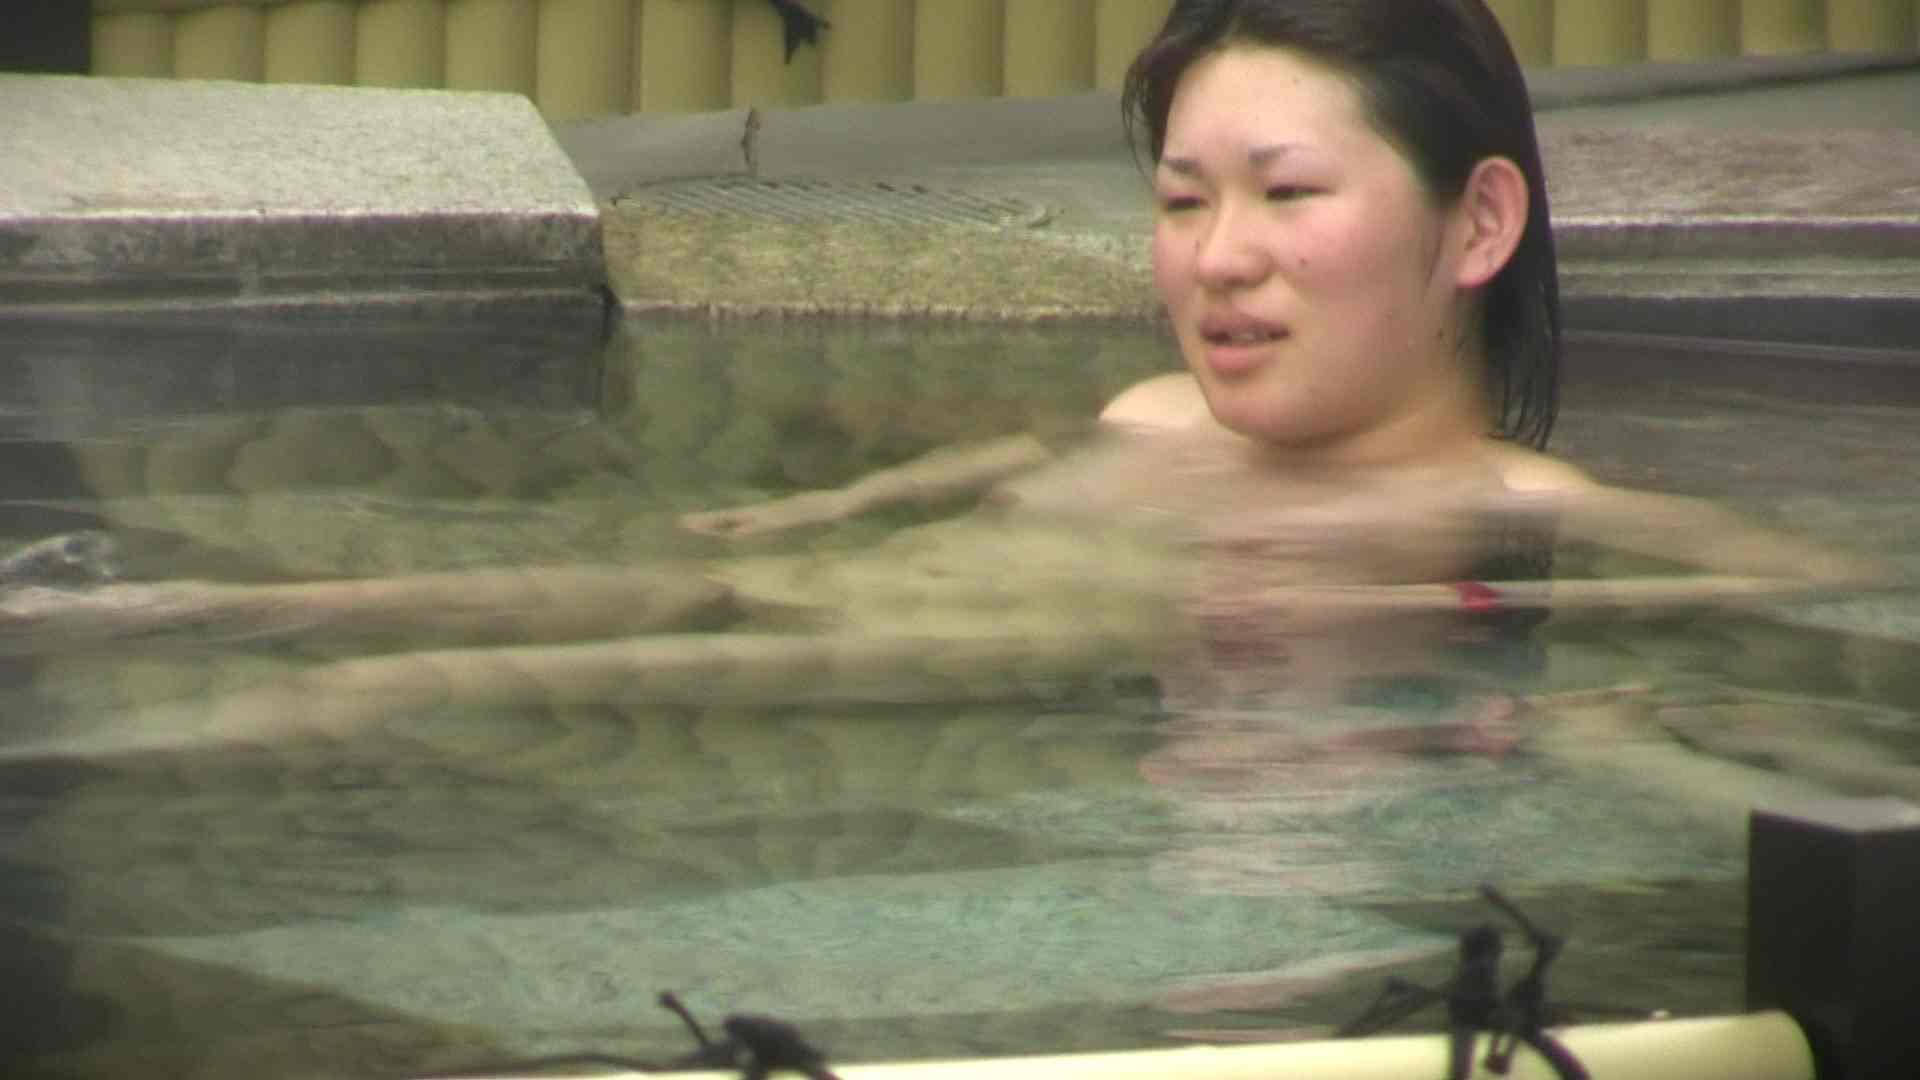 Aquaな露天風呂Vol.673 OLエロ画像 | 盗撮  104PICs 103